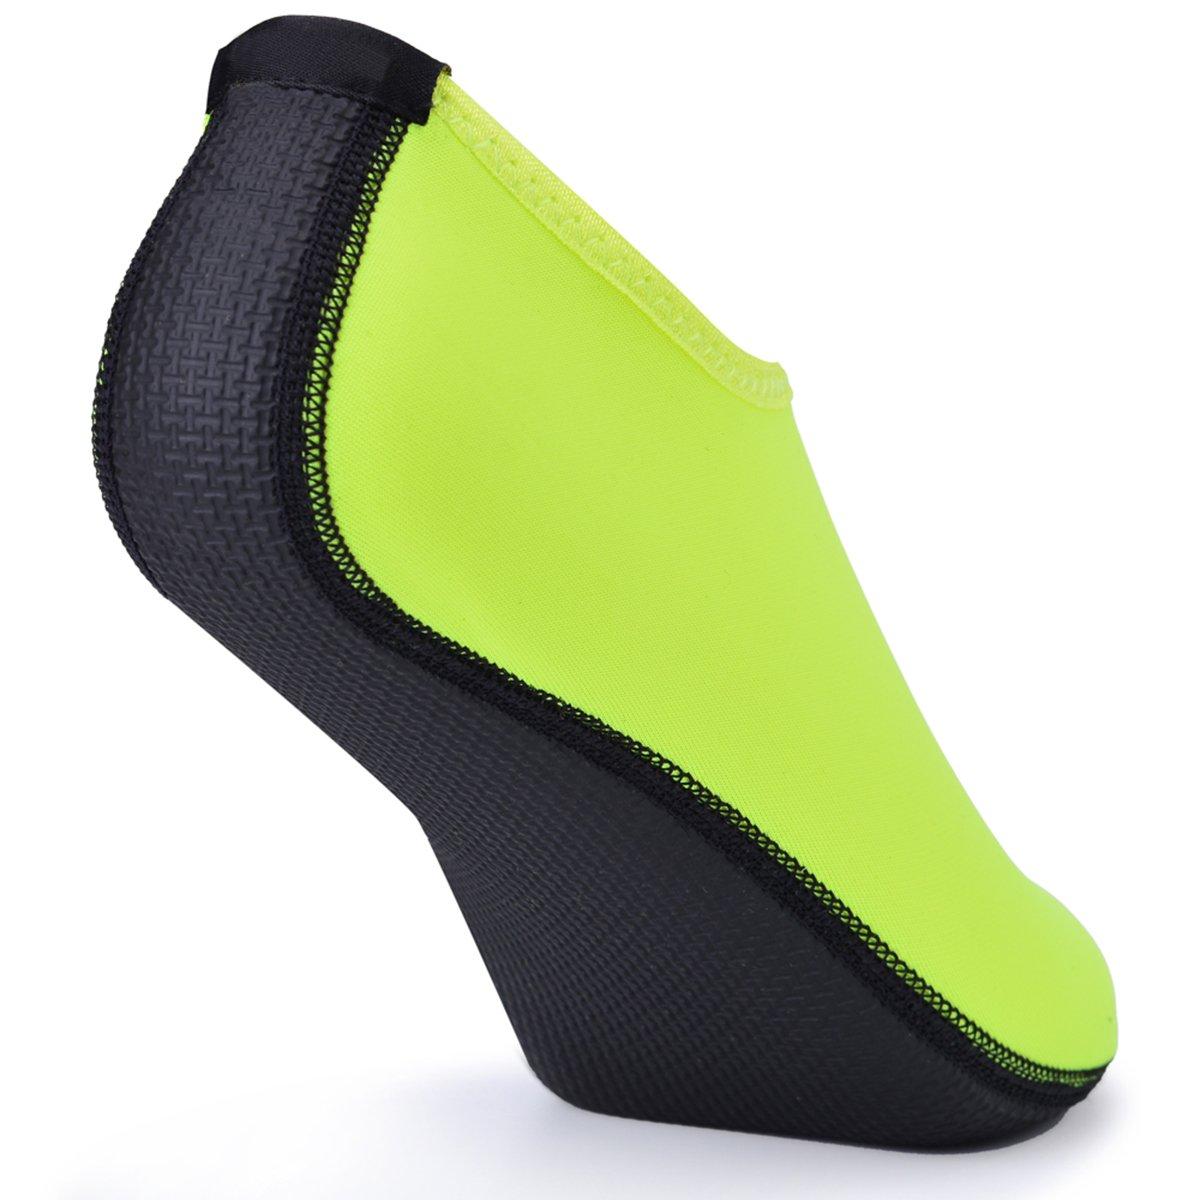 SUADEX Unisex Hombre Mujer Zapato de Agua Zapatos de Playa Natación Surf  Escarpines Calzado de Playa 25bb4d26f8f